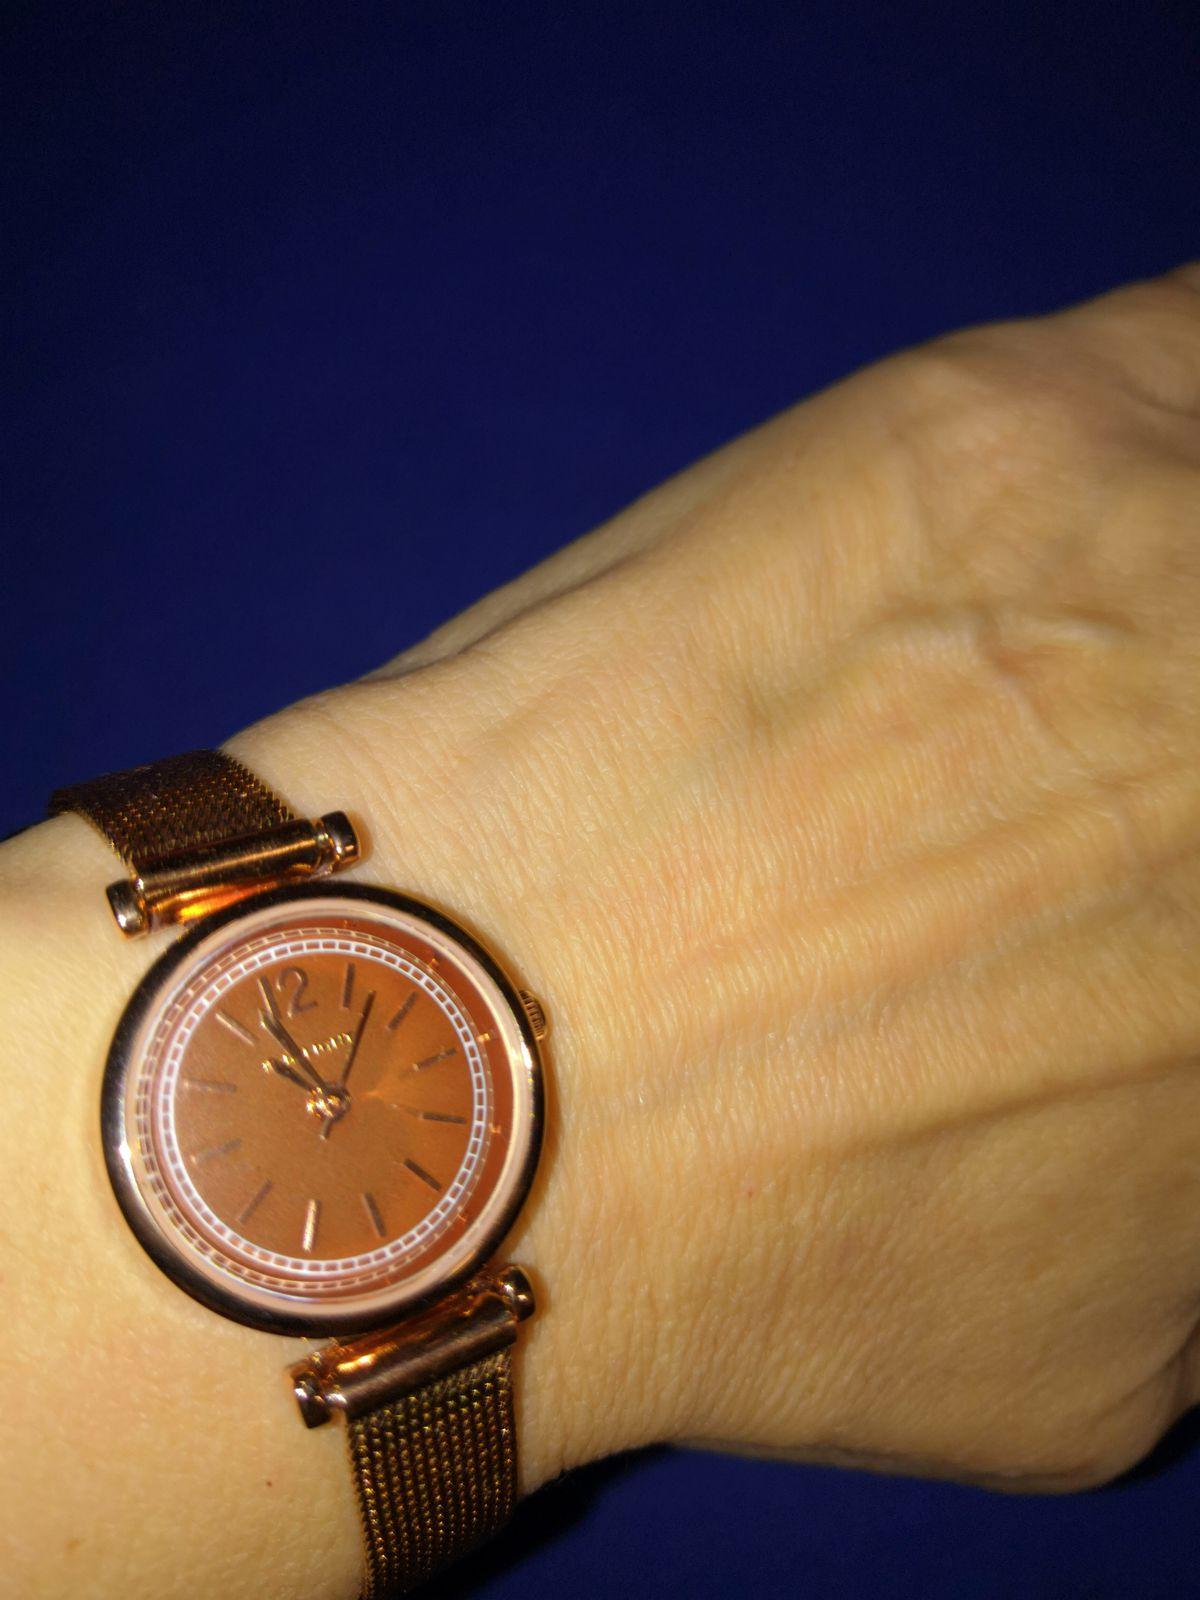 Классические женские часы на миланском браслете. Подходят для всех случаев.